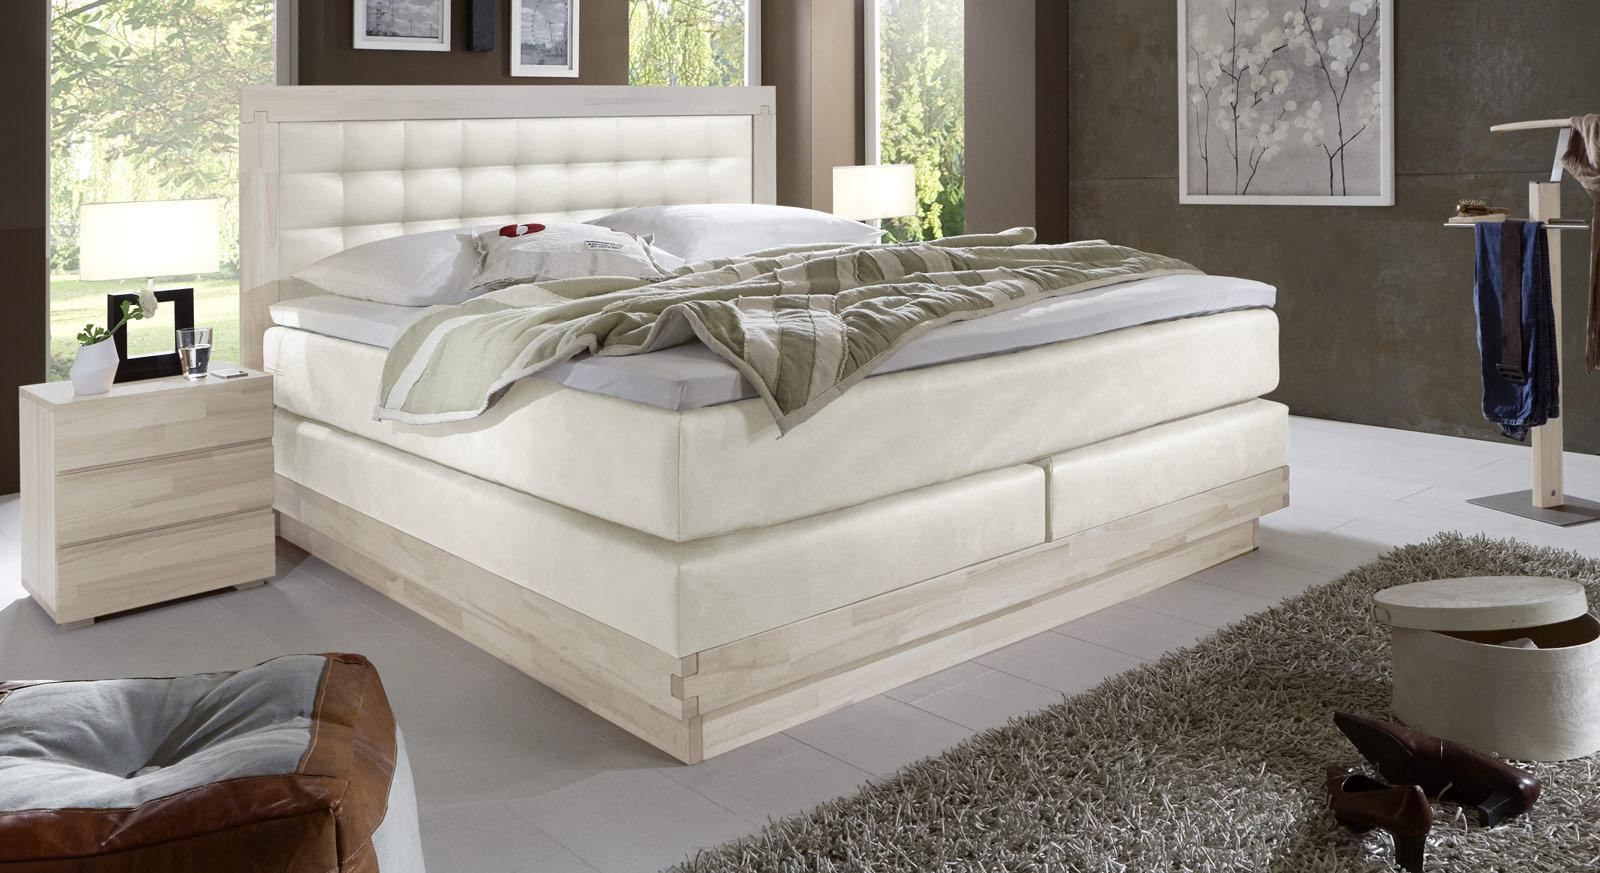 Weißes Boxspringbett Olbiano mit Luxus-Kunstleder in Weiß